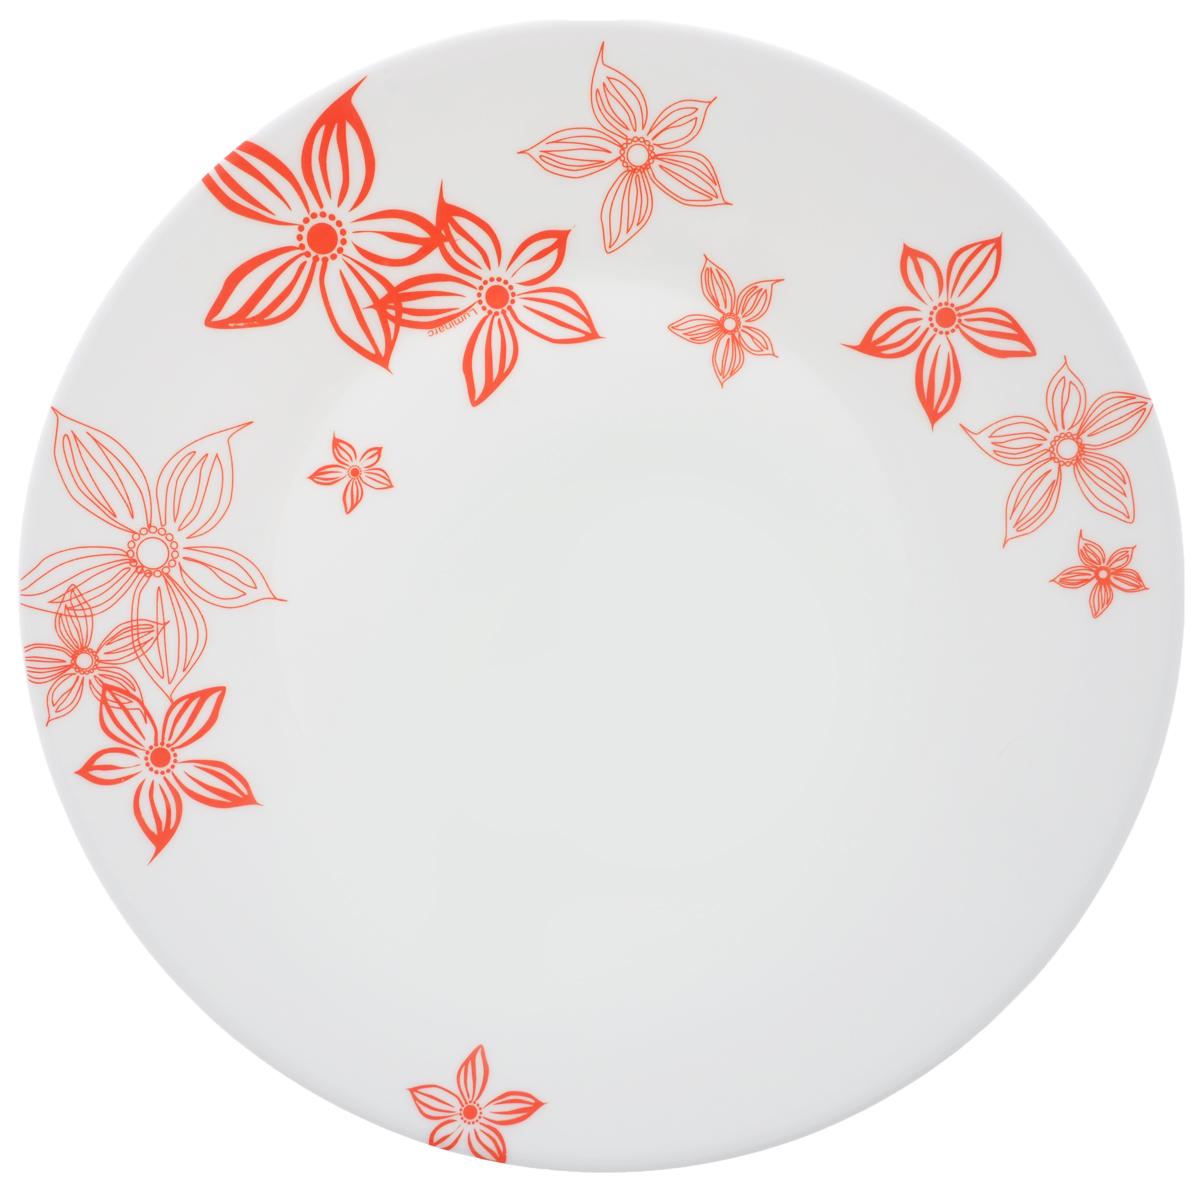 Тарелка десертная Luminarc Talullan, диаметр 19,5 см115510Десертная тарелка Luminarc Talullan, изготовленная из ударопрочного стекла, декорирована изображением цветов. Такая тарелка прекрасно подходит как для торжественных случаев, так и для повседневного использования. Идеальна для подачи десертов, пирожных, тортов и многого другого. Она прекрасно оформит стол и станет отличным дополнением к вашей коллекции кухонной посуды. Диаметр тарелки (по верхнему краю): 19,5 см.